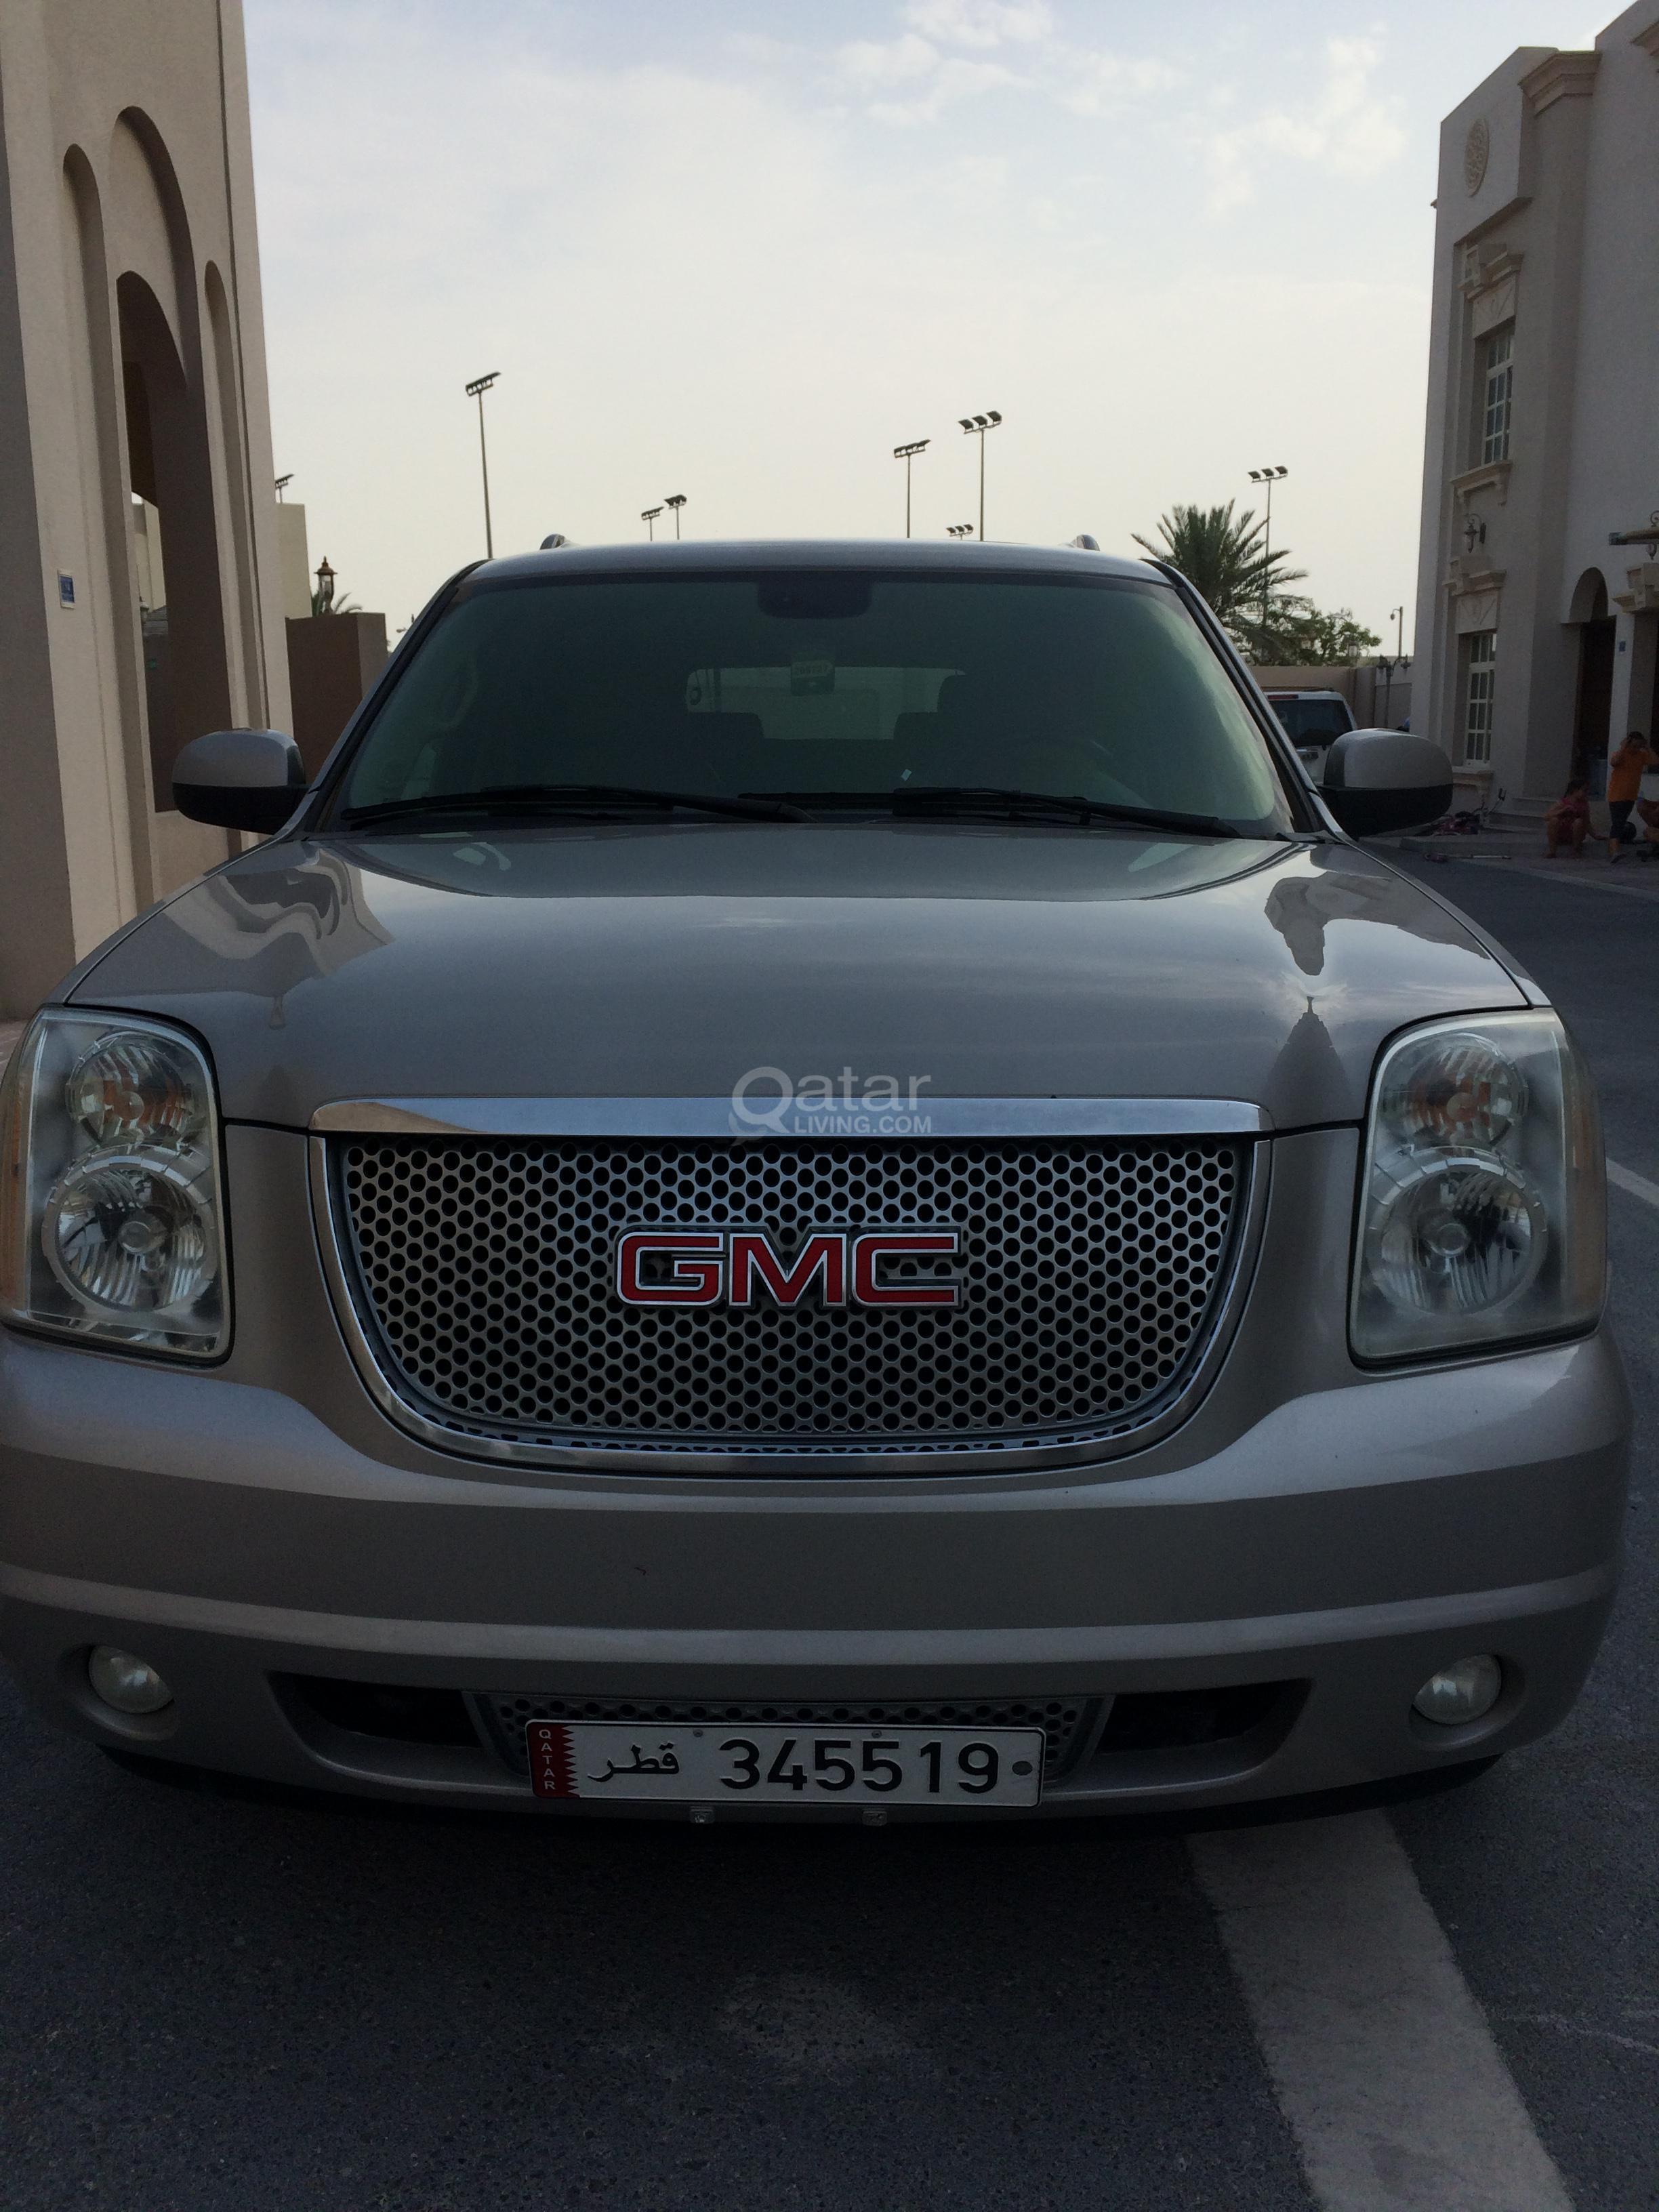 2007 Gmc Yukon Xl Denali Qatar Living